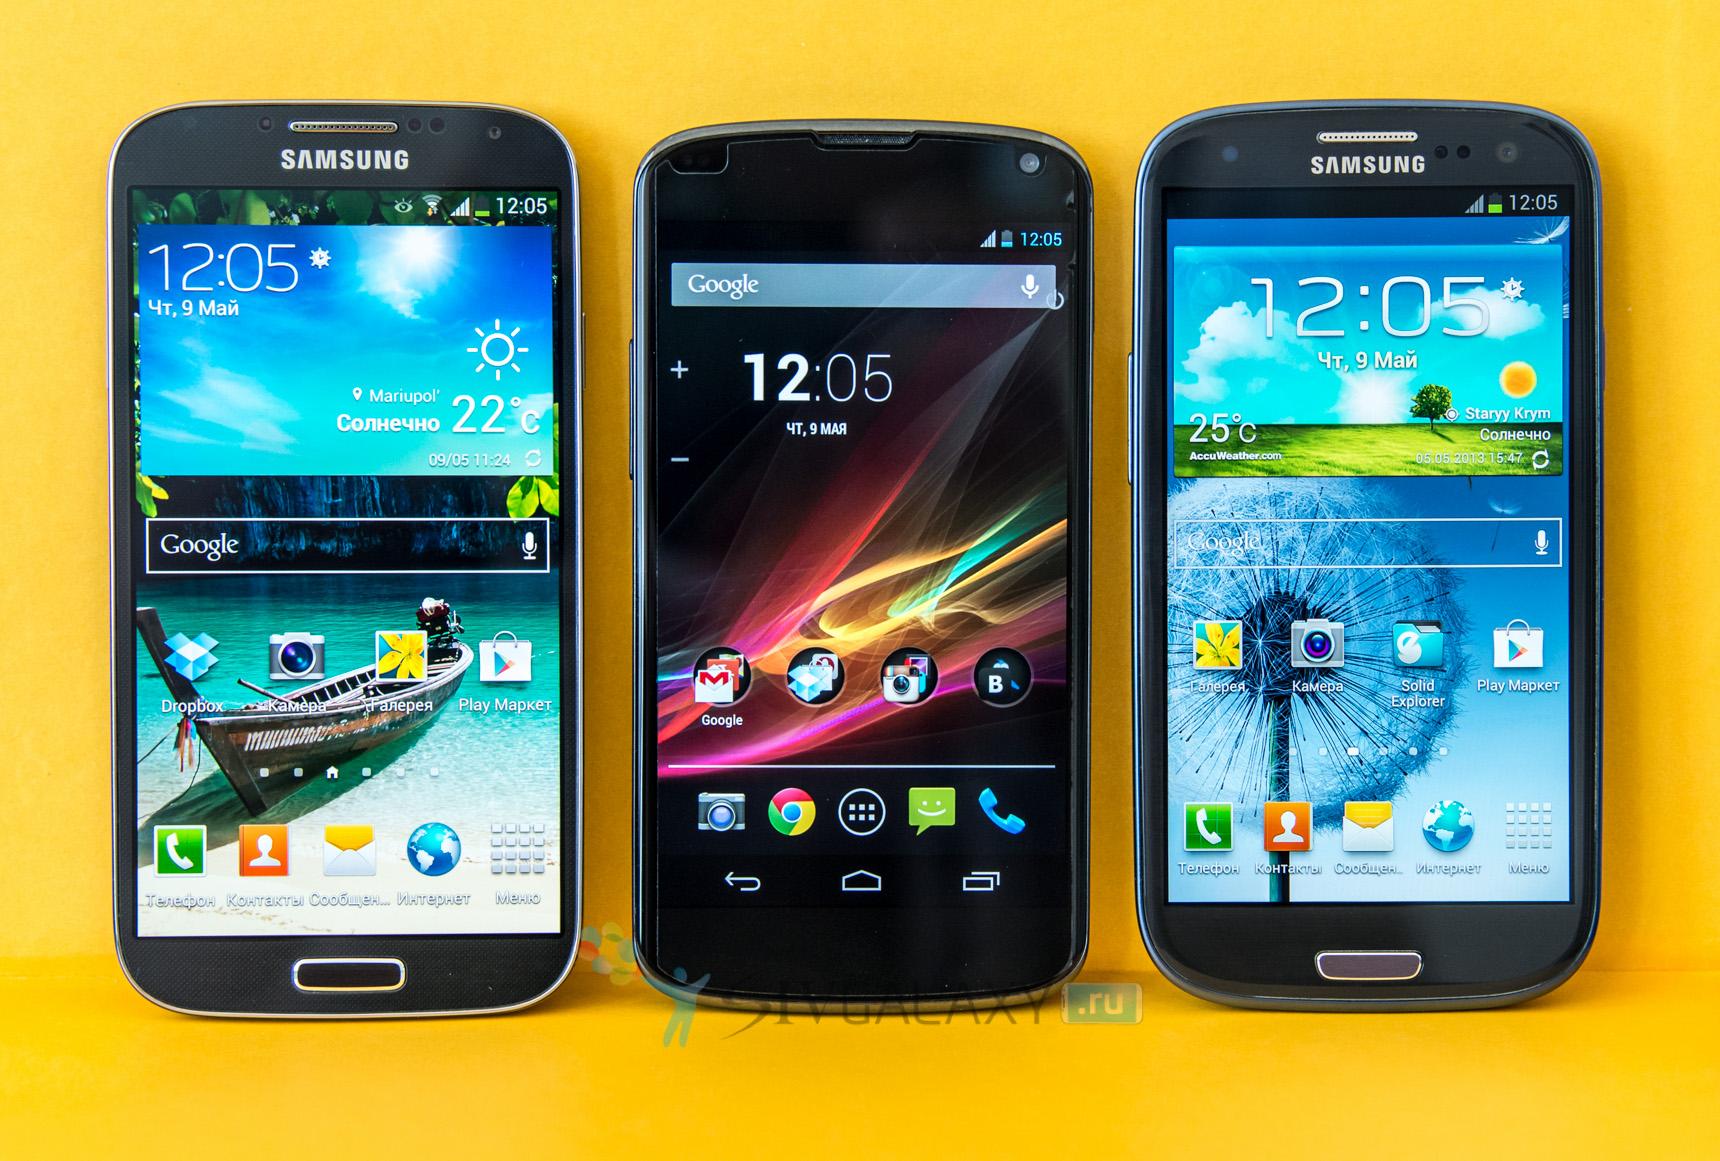 Сравнение Galaxy S3, S4 и Nexus 4